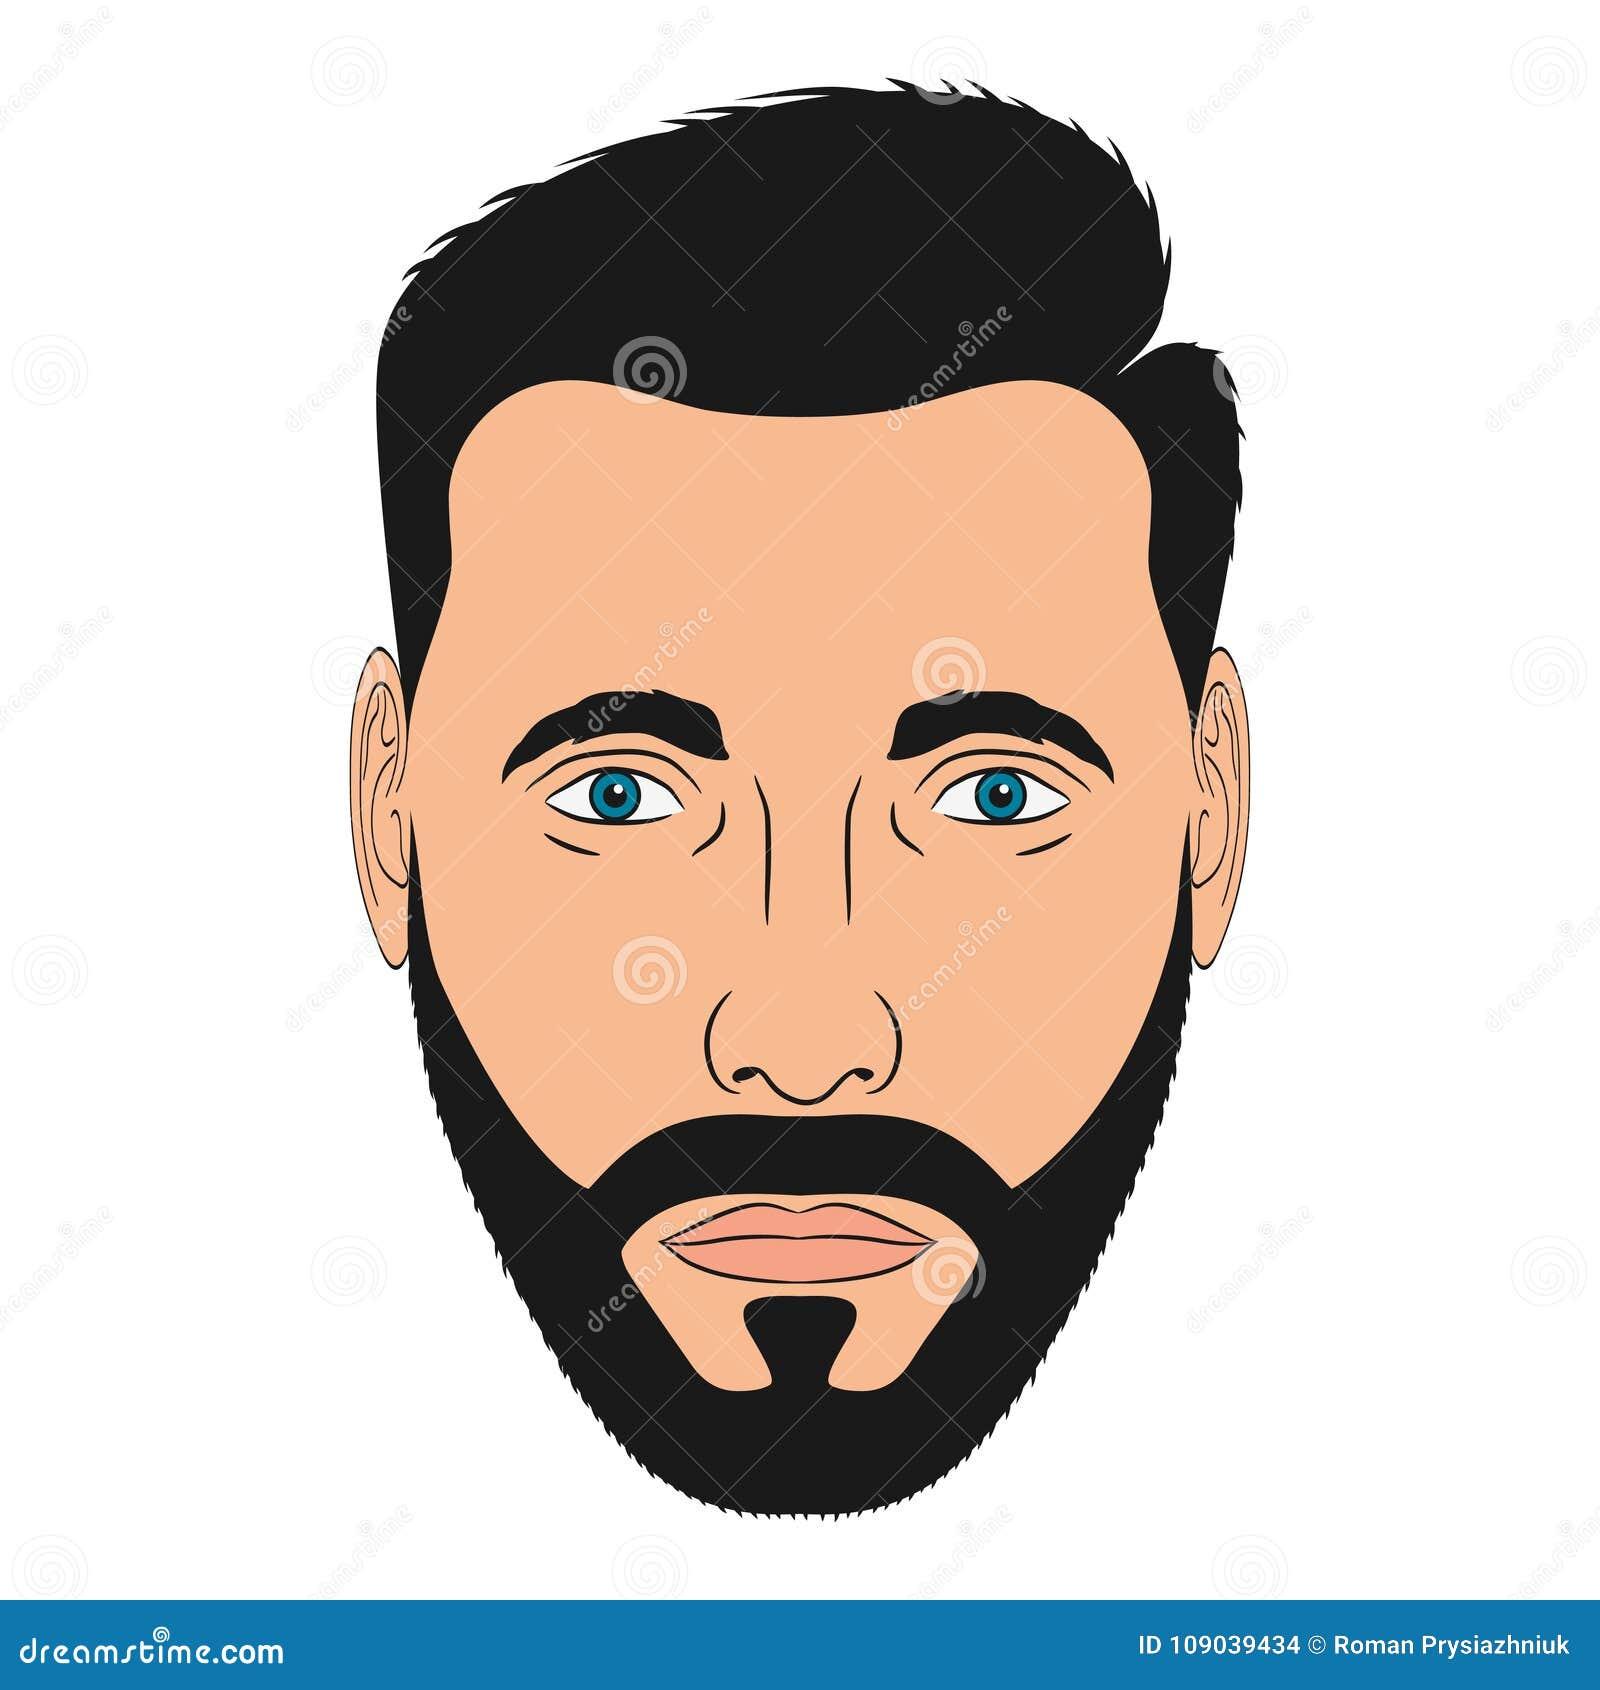 Cara Do Homem Com Barba Cabeca Masculina No Estilo Dos Desenhos